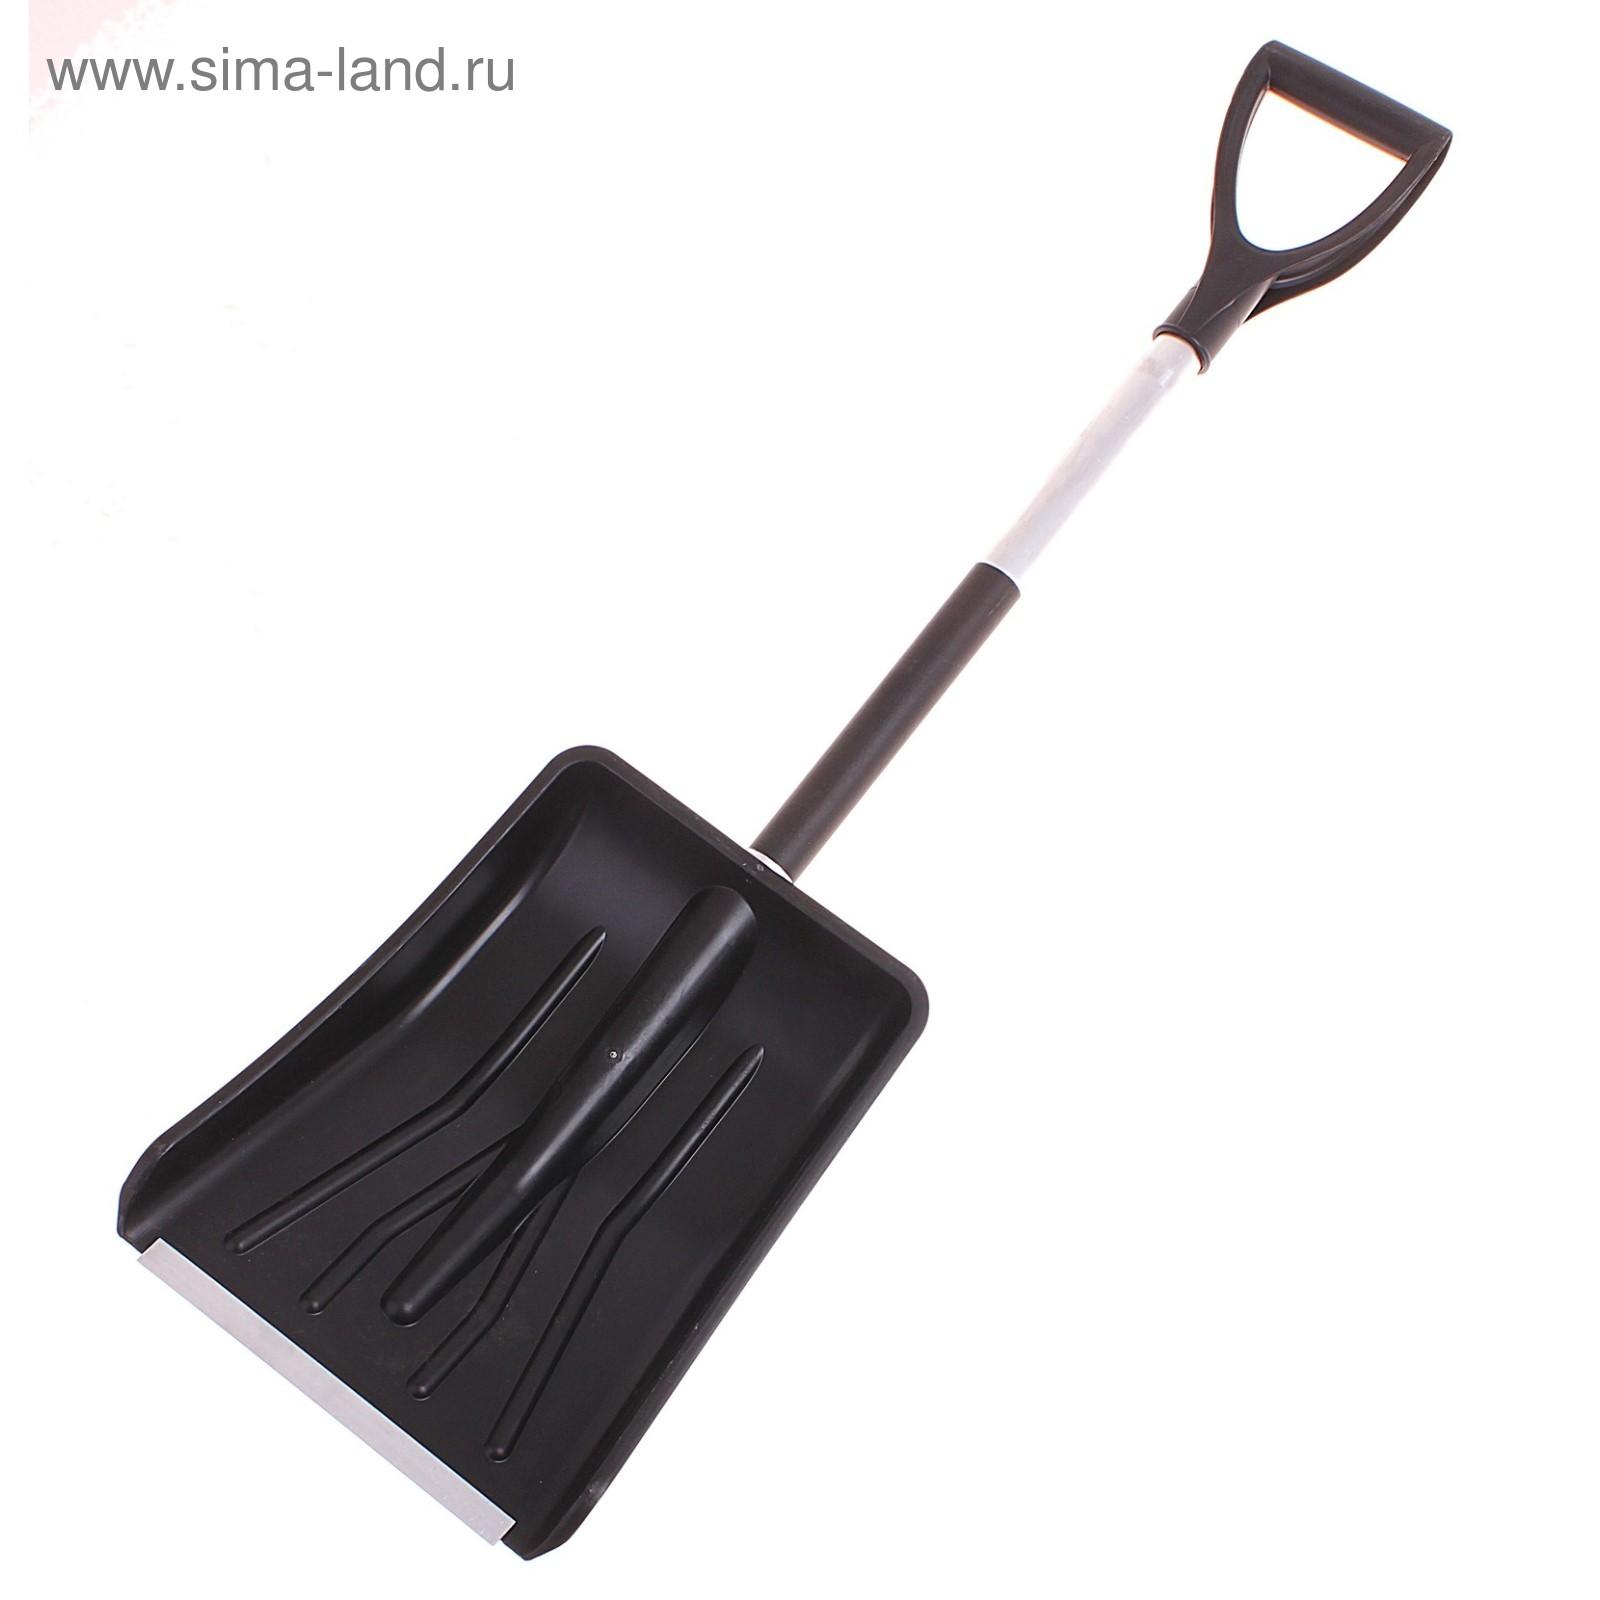 Лопата автомобильная пластиковая, ковш 280 × 370 мм, с металлической  планкой, черенок, 5836fae4806